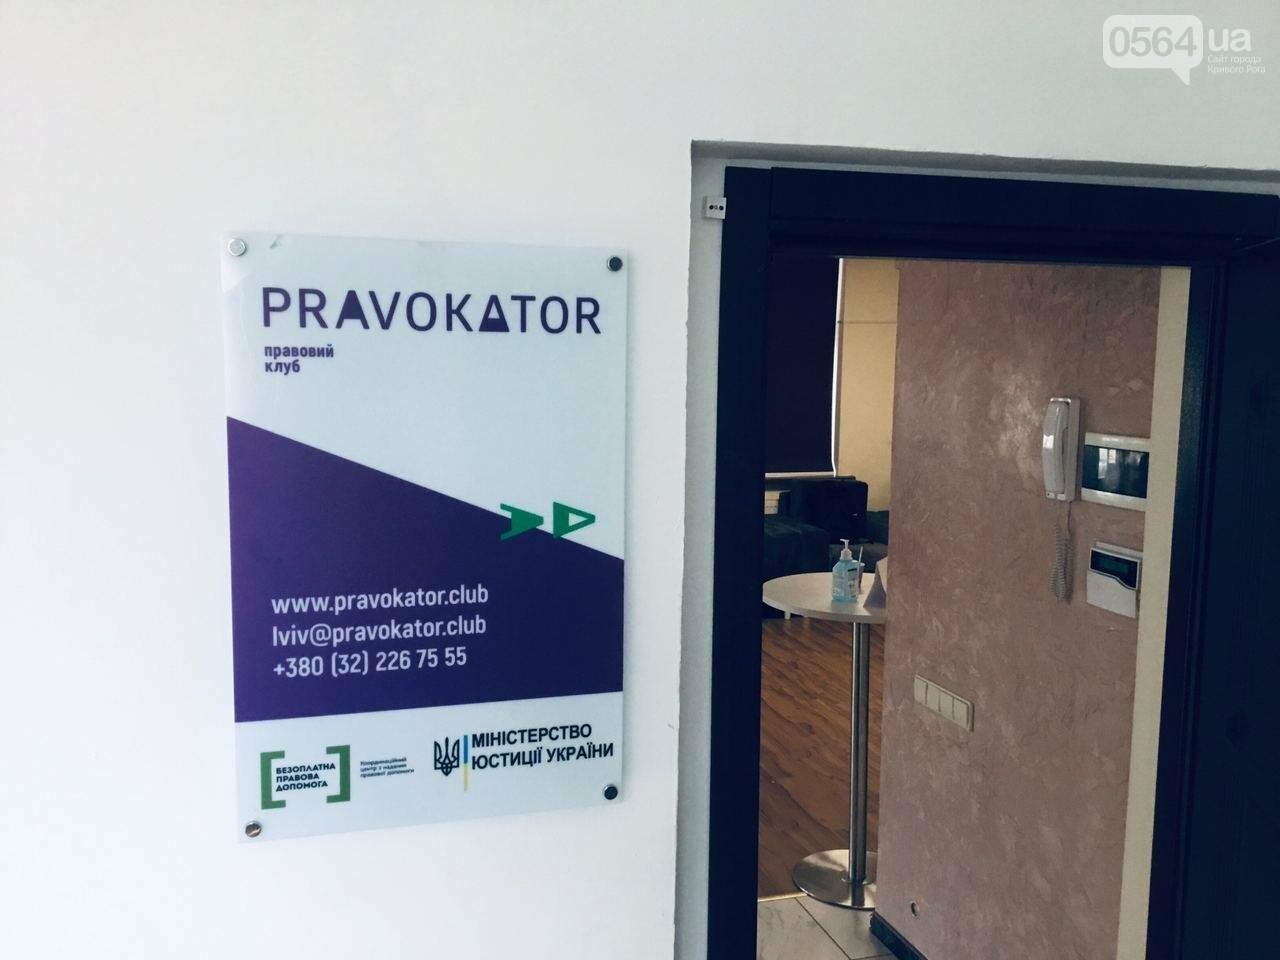 """""""История имеет значение"""": журналистов во Львове учили, как освещать предоставление бесплатной правовой помощи, - ФОТО, ВИДЕО, фото-1"""